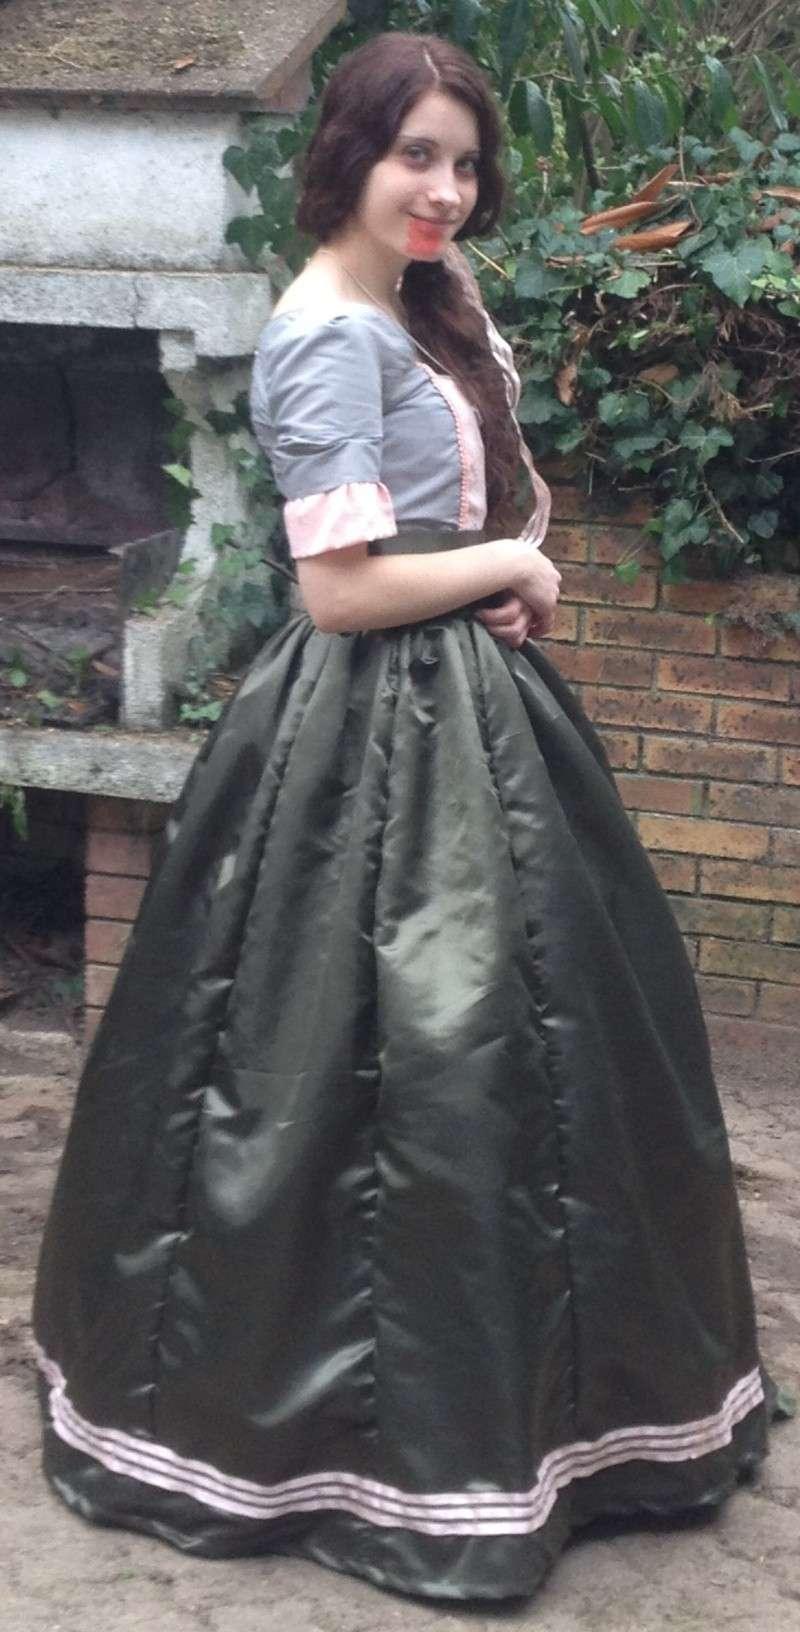 [Terminé] Vampire diaries - 1864 Katherine Pierce Photo_11